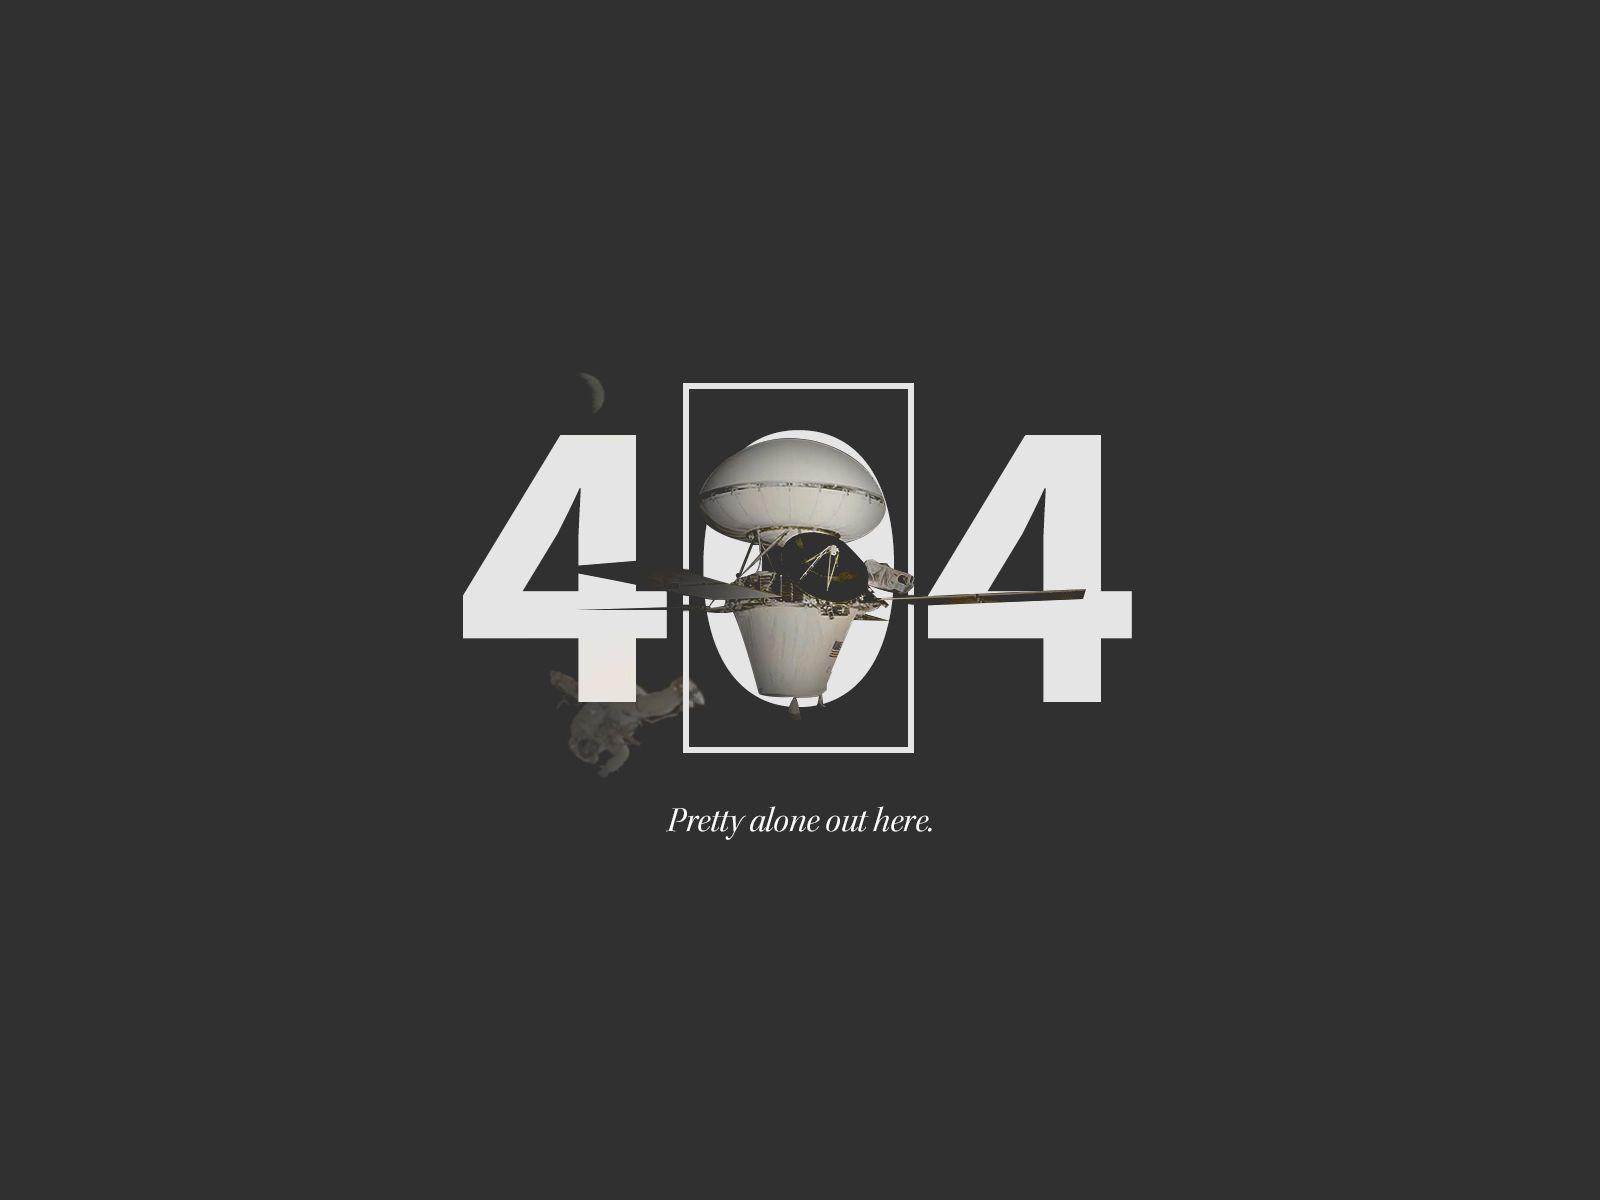 Webdesign - 404 design   4 0 4 page   Pinterest   Ux design